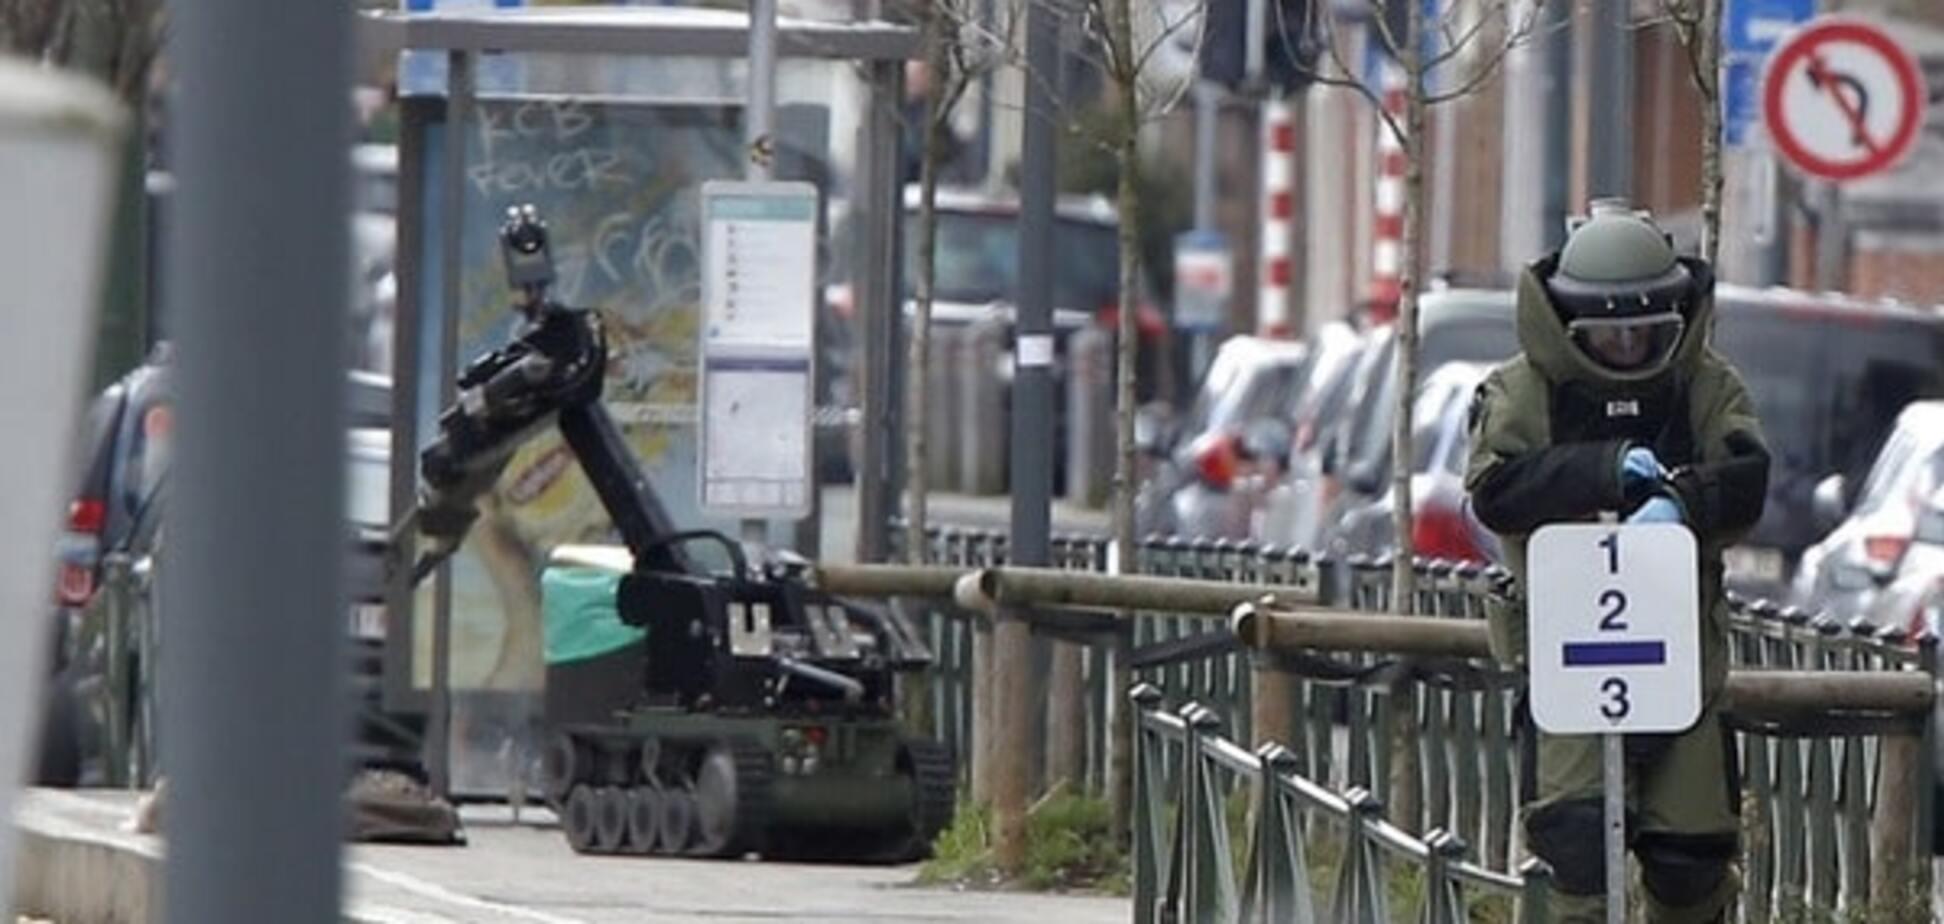 Не Брюссель: у Бельгії розповіли, яке місто насправді було метою терористів